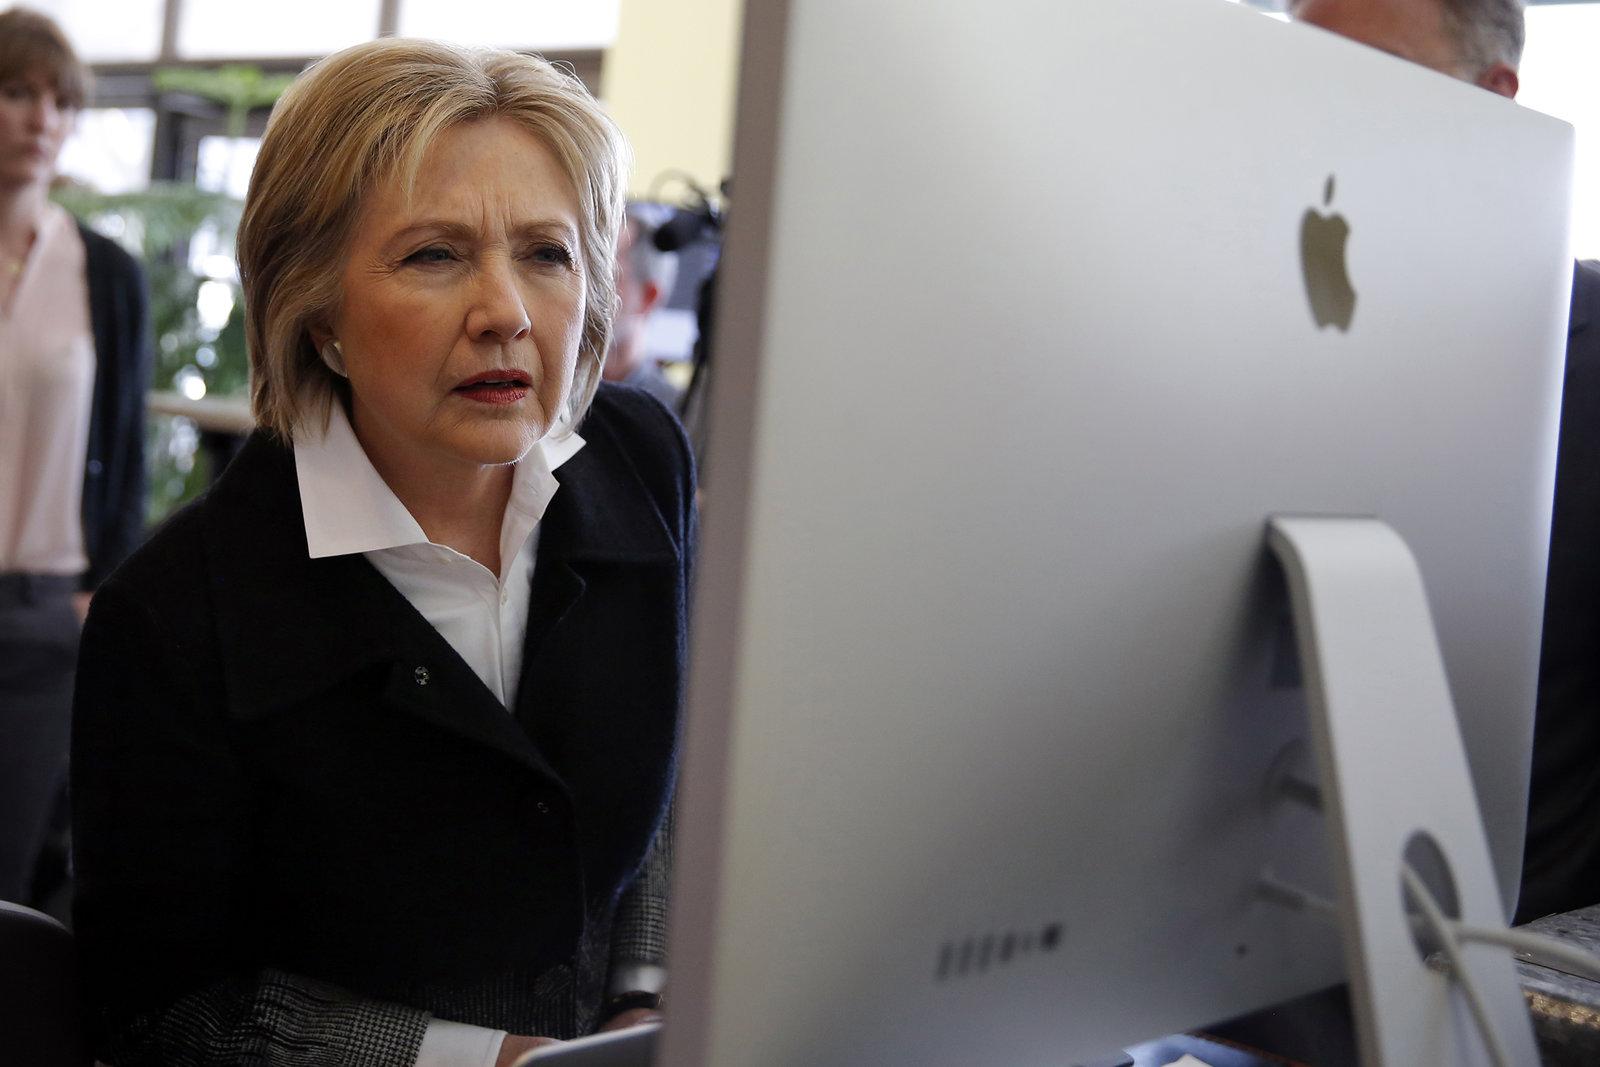 有評論質疑,希拉莉仍未明白自己輸在哪兒,她才是那位該問「發生甚麼事」的人。圖片來源:路透社